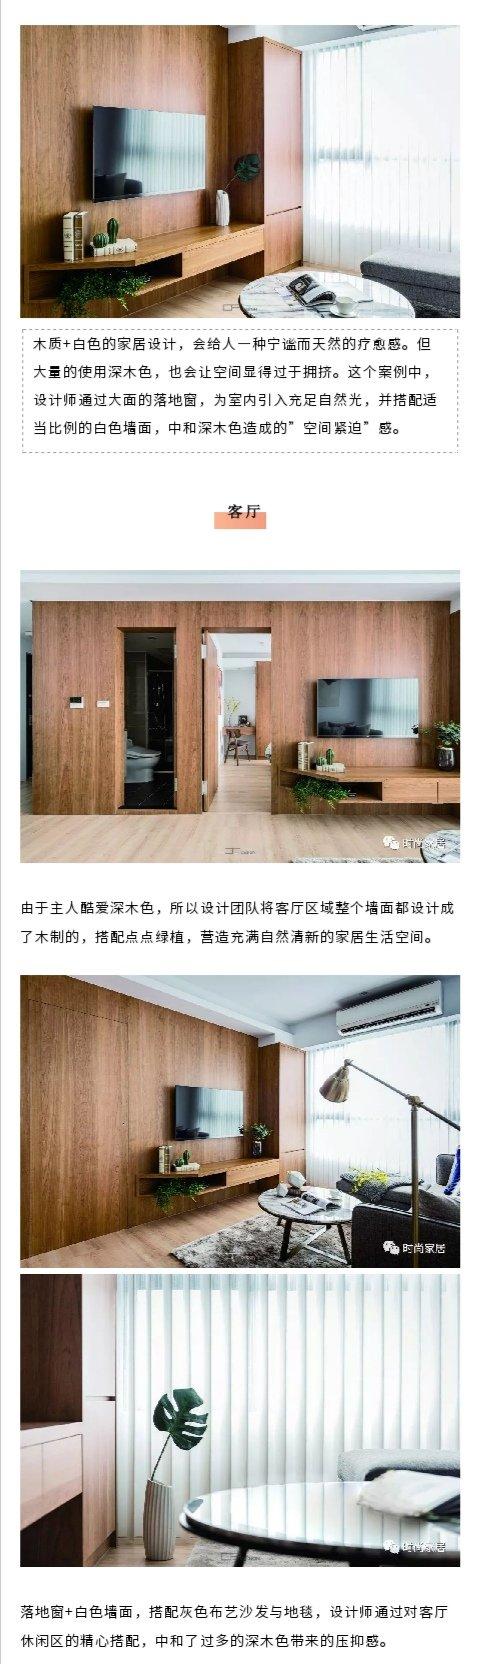 木色和落地窗这对CP,我站定了~木质+白色的家居设计